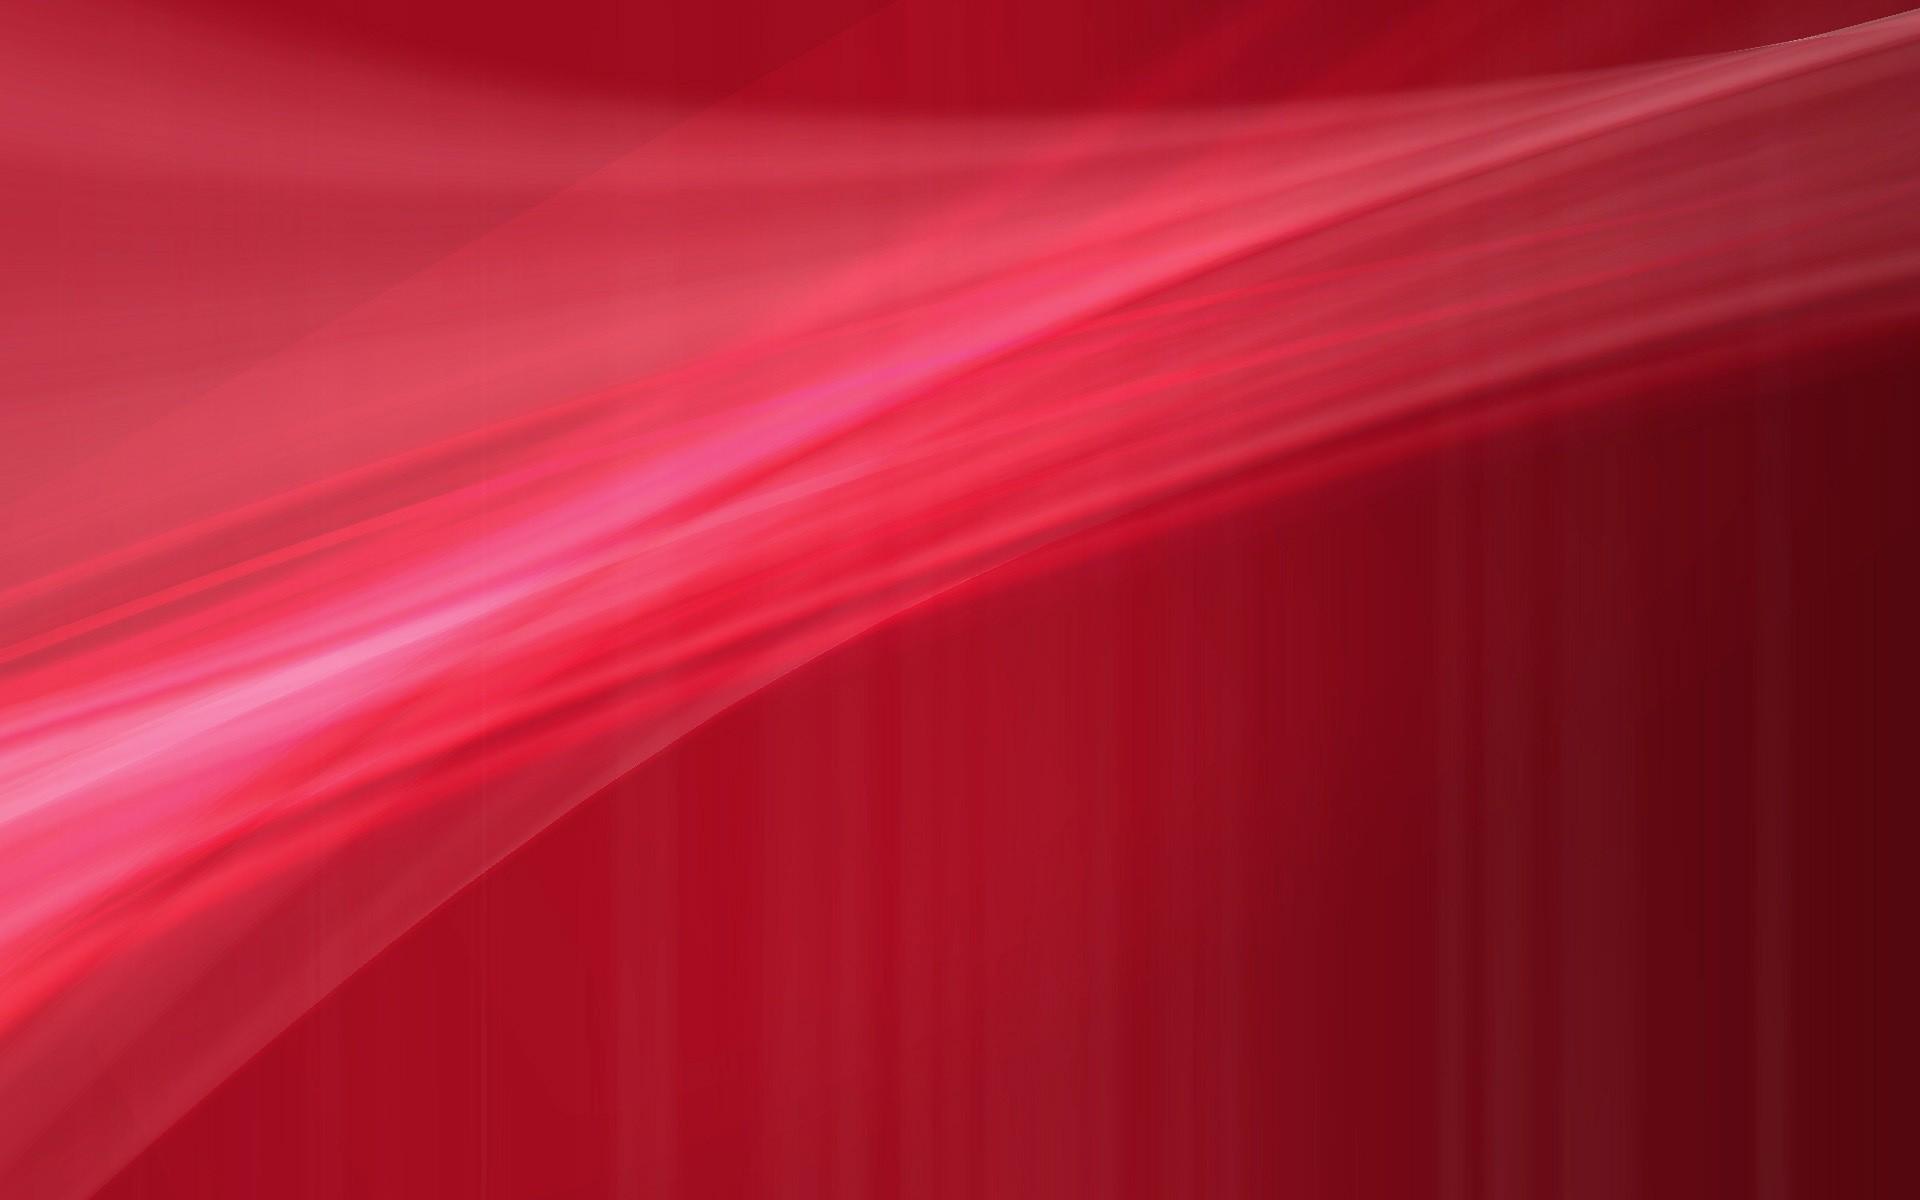 mehron 3D Abstract desktop background 1920x1200